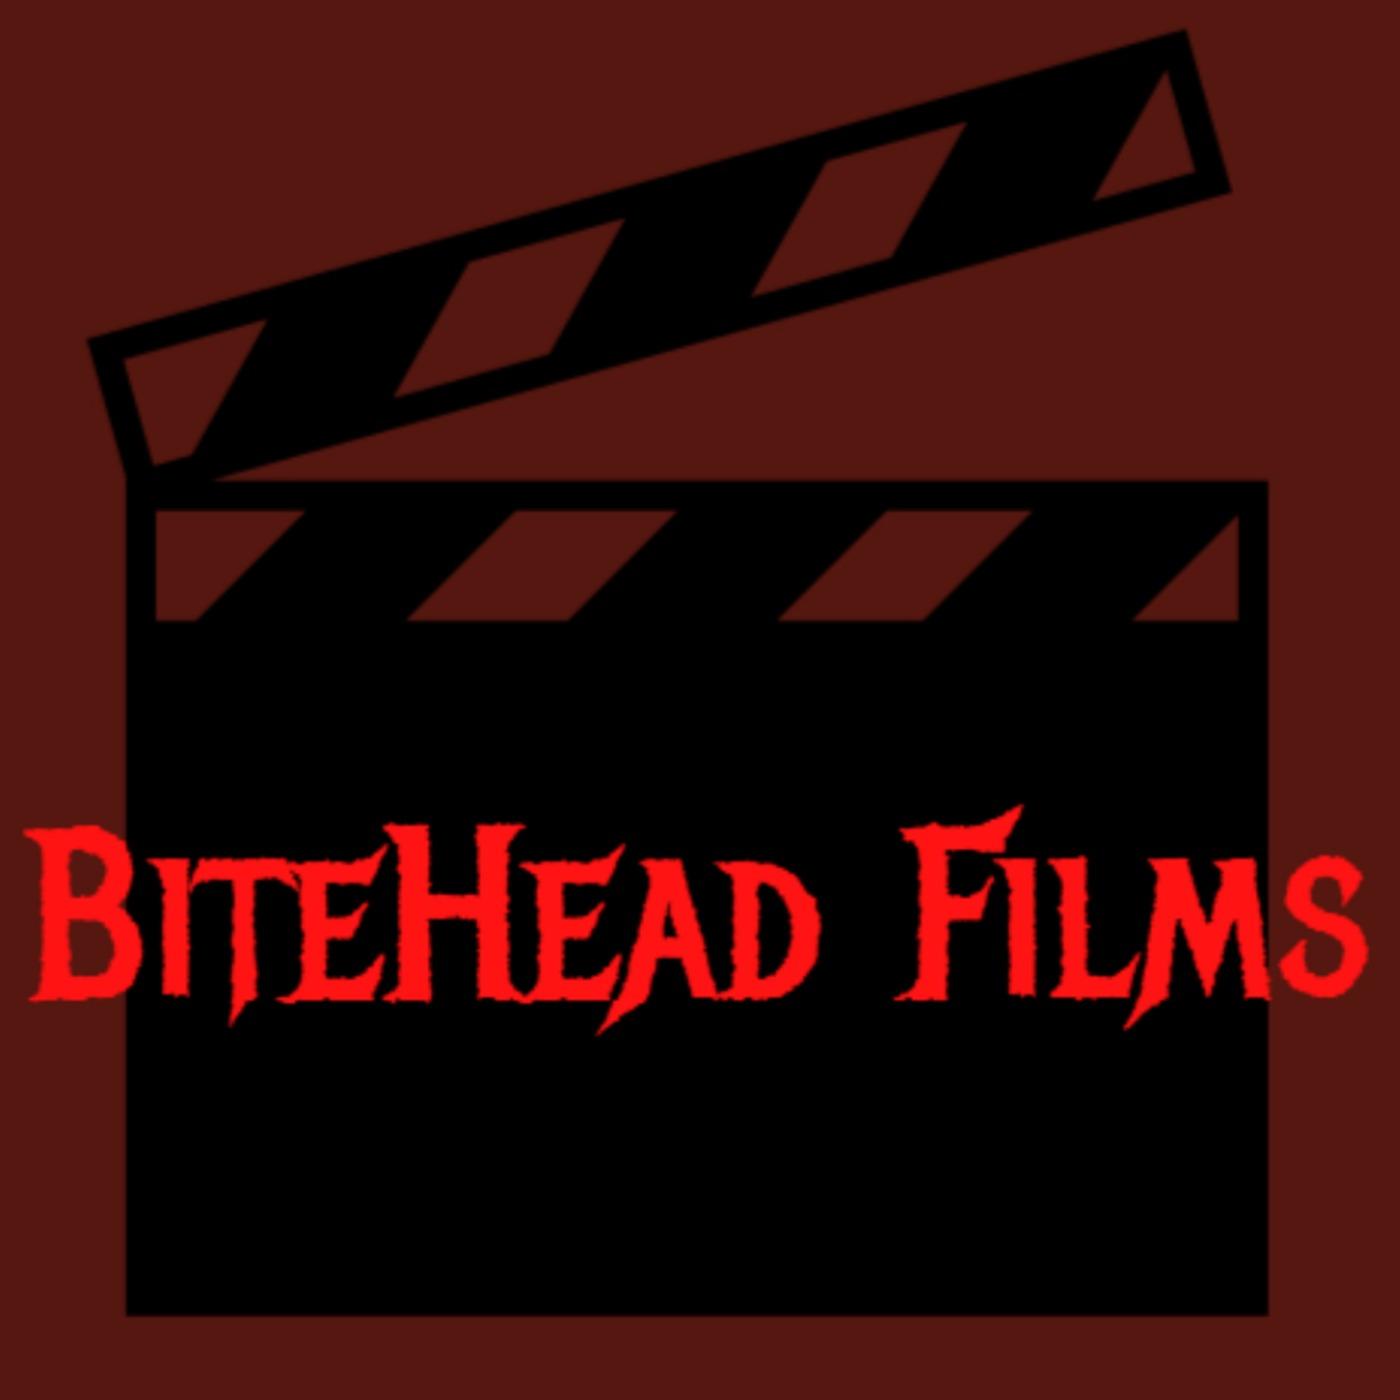 BiteHead Films